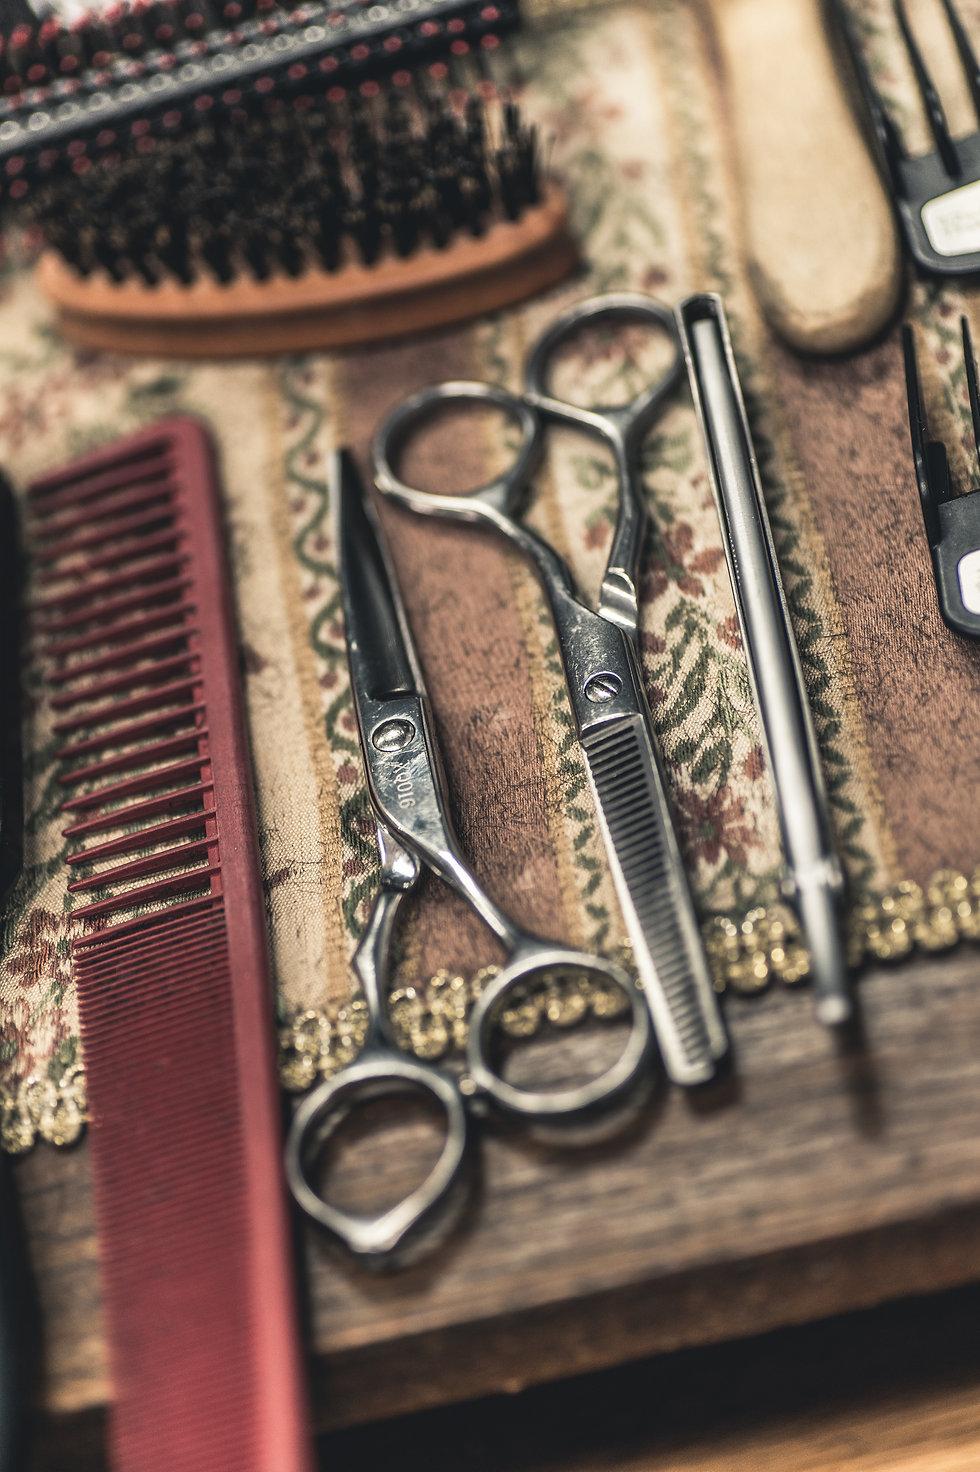 Kopfsache Barber Tools